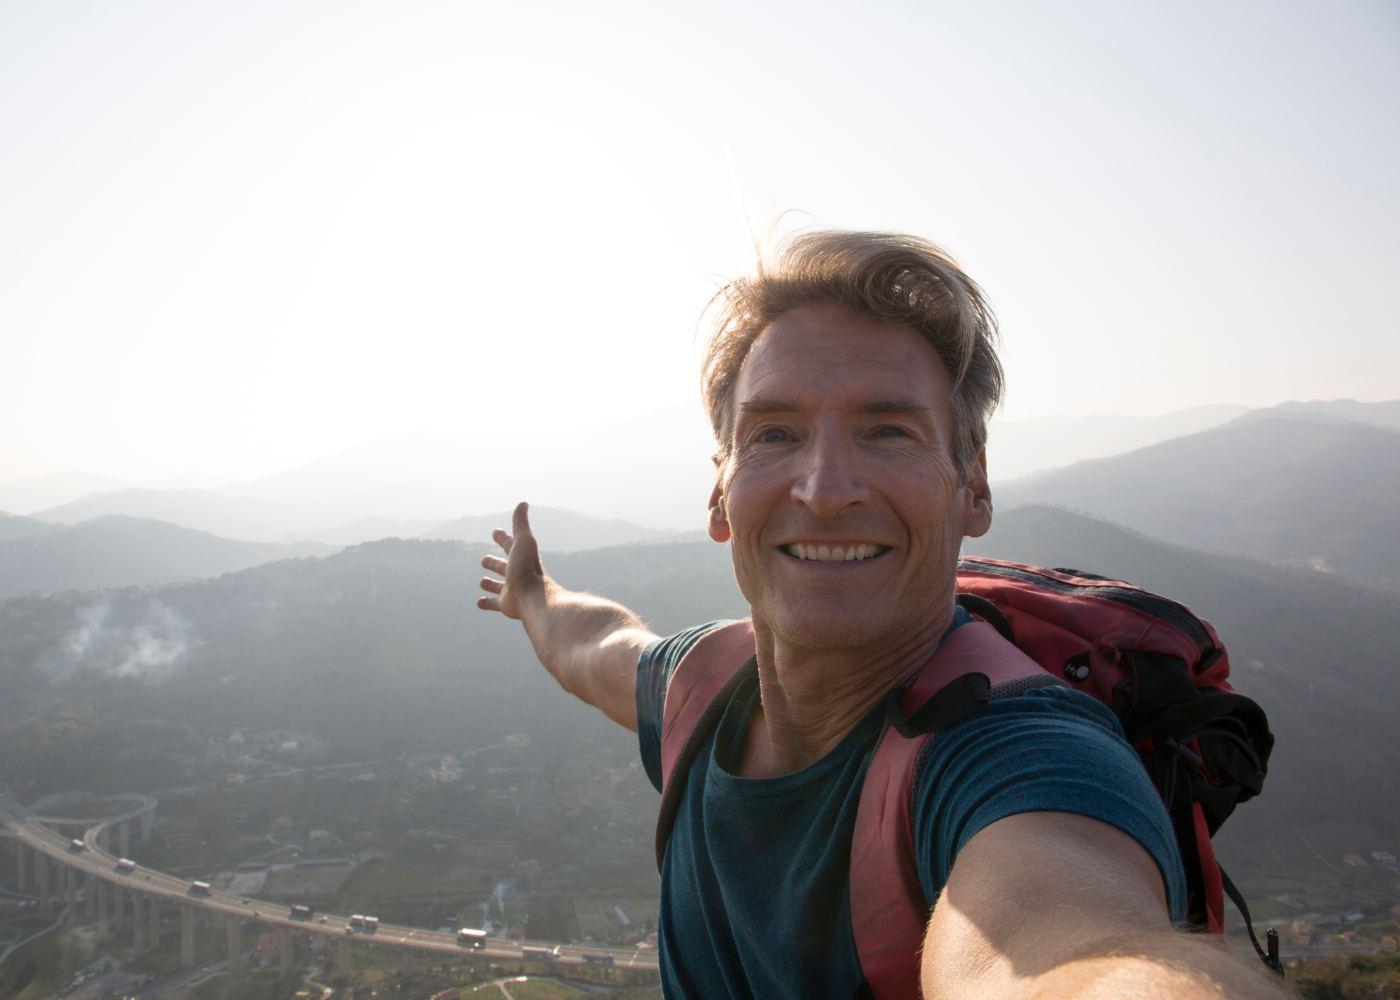 Selfie de homem a viajar sozinho